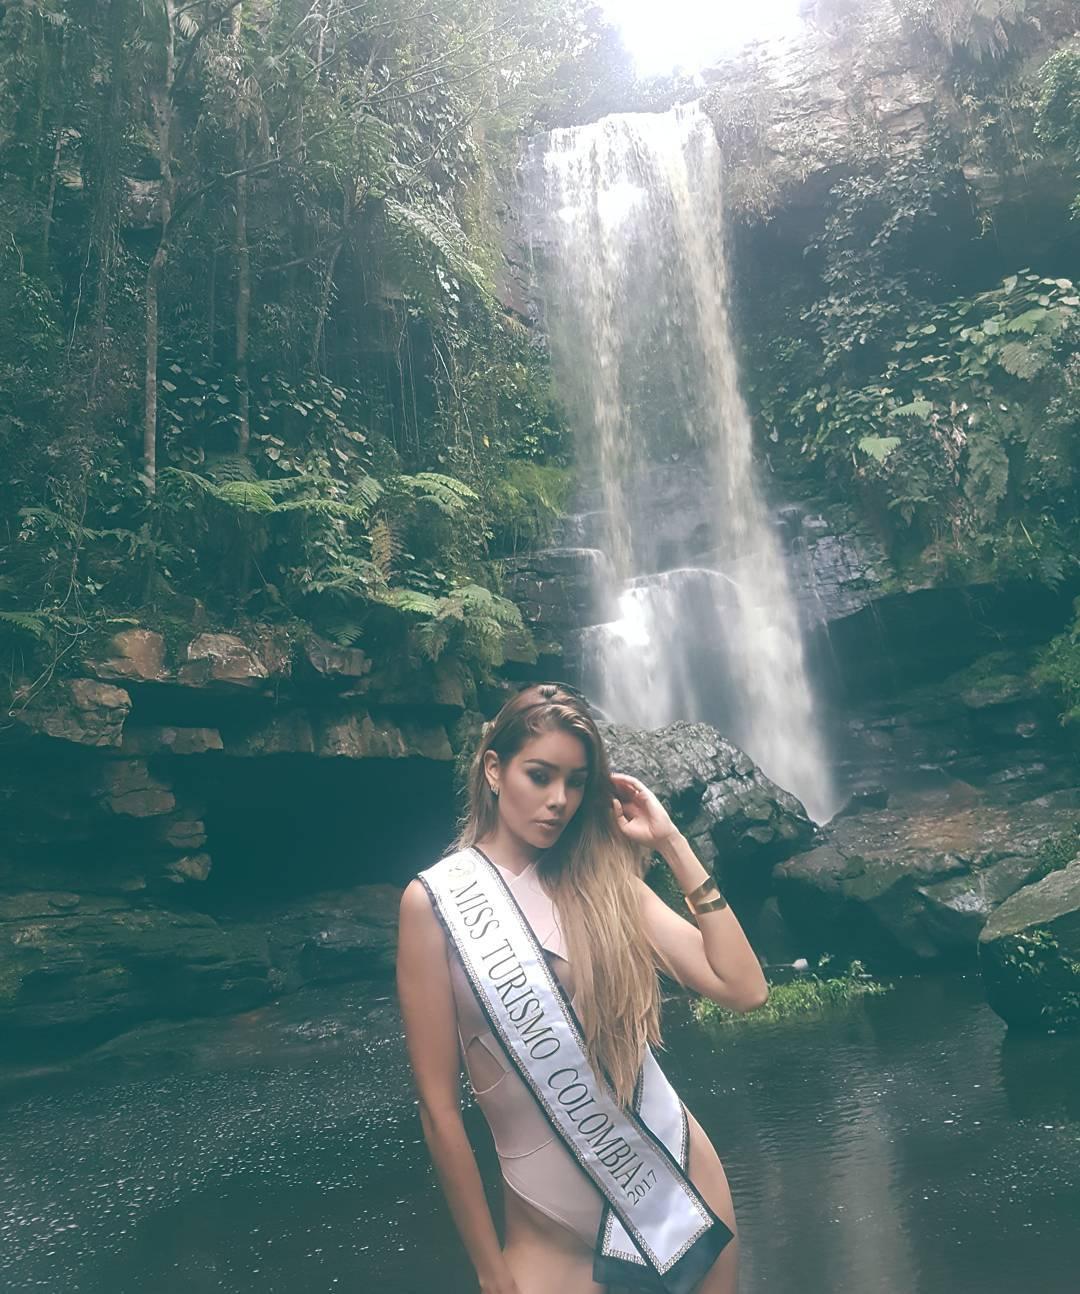 andrea katherine gutierrez puentes, miss tourism 2017/2018. - Página 2 25015410